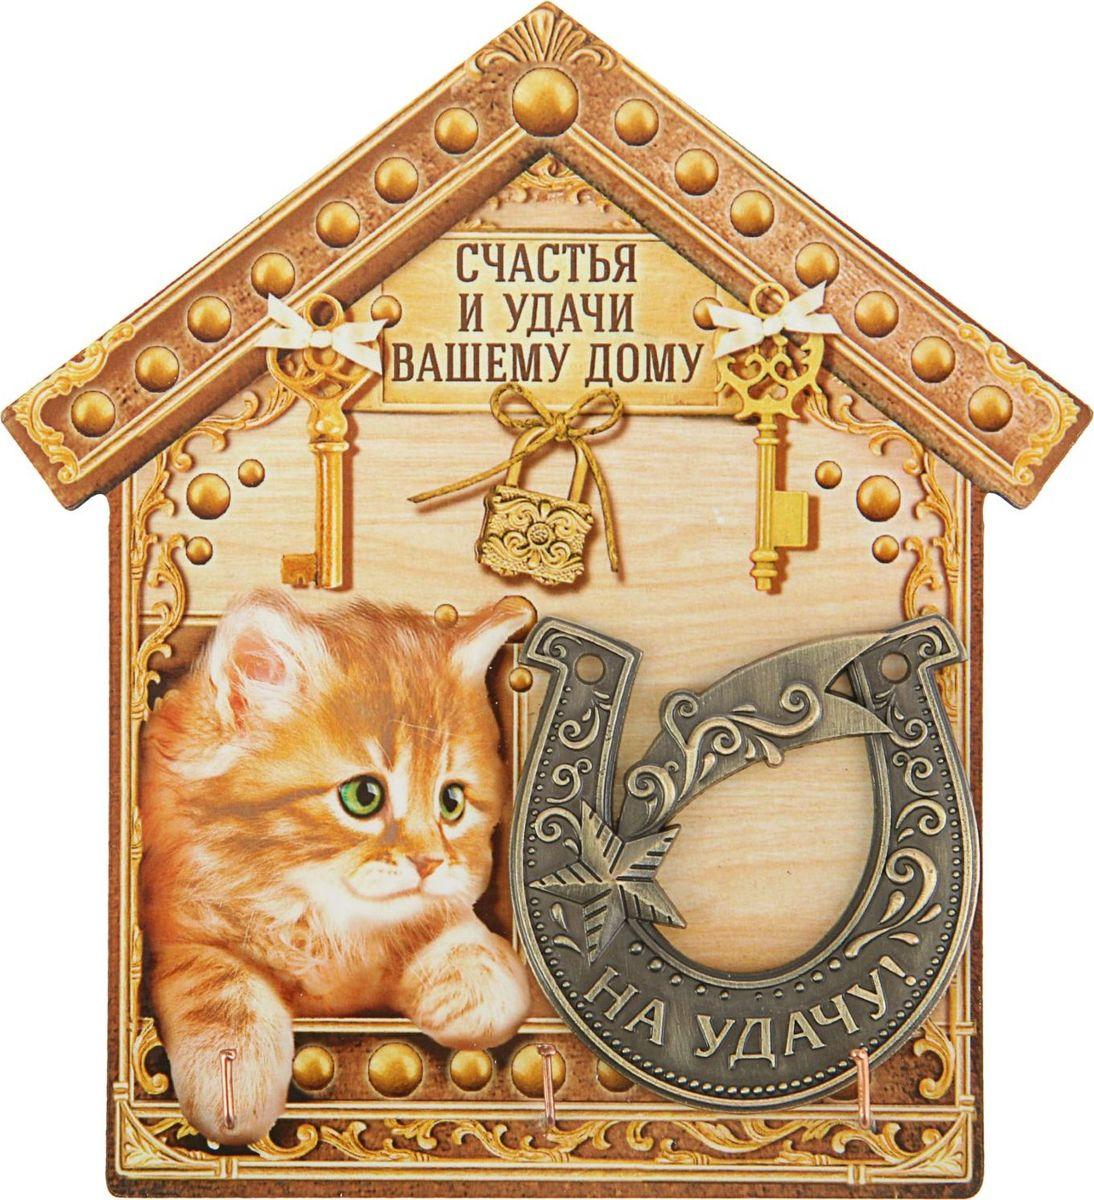 """Ключница настенная """"Счастья и удачи вашему дому. Кот"""", 13 х 14 см, NoName"""